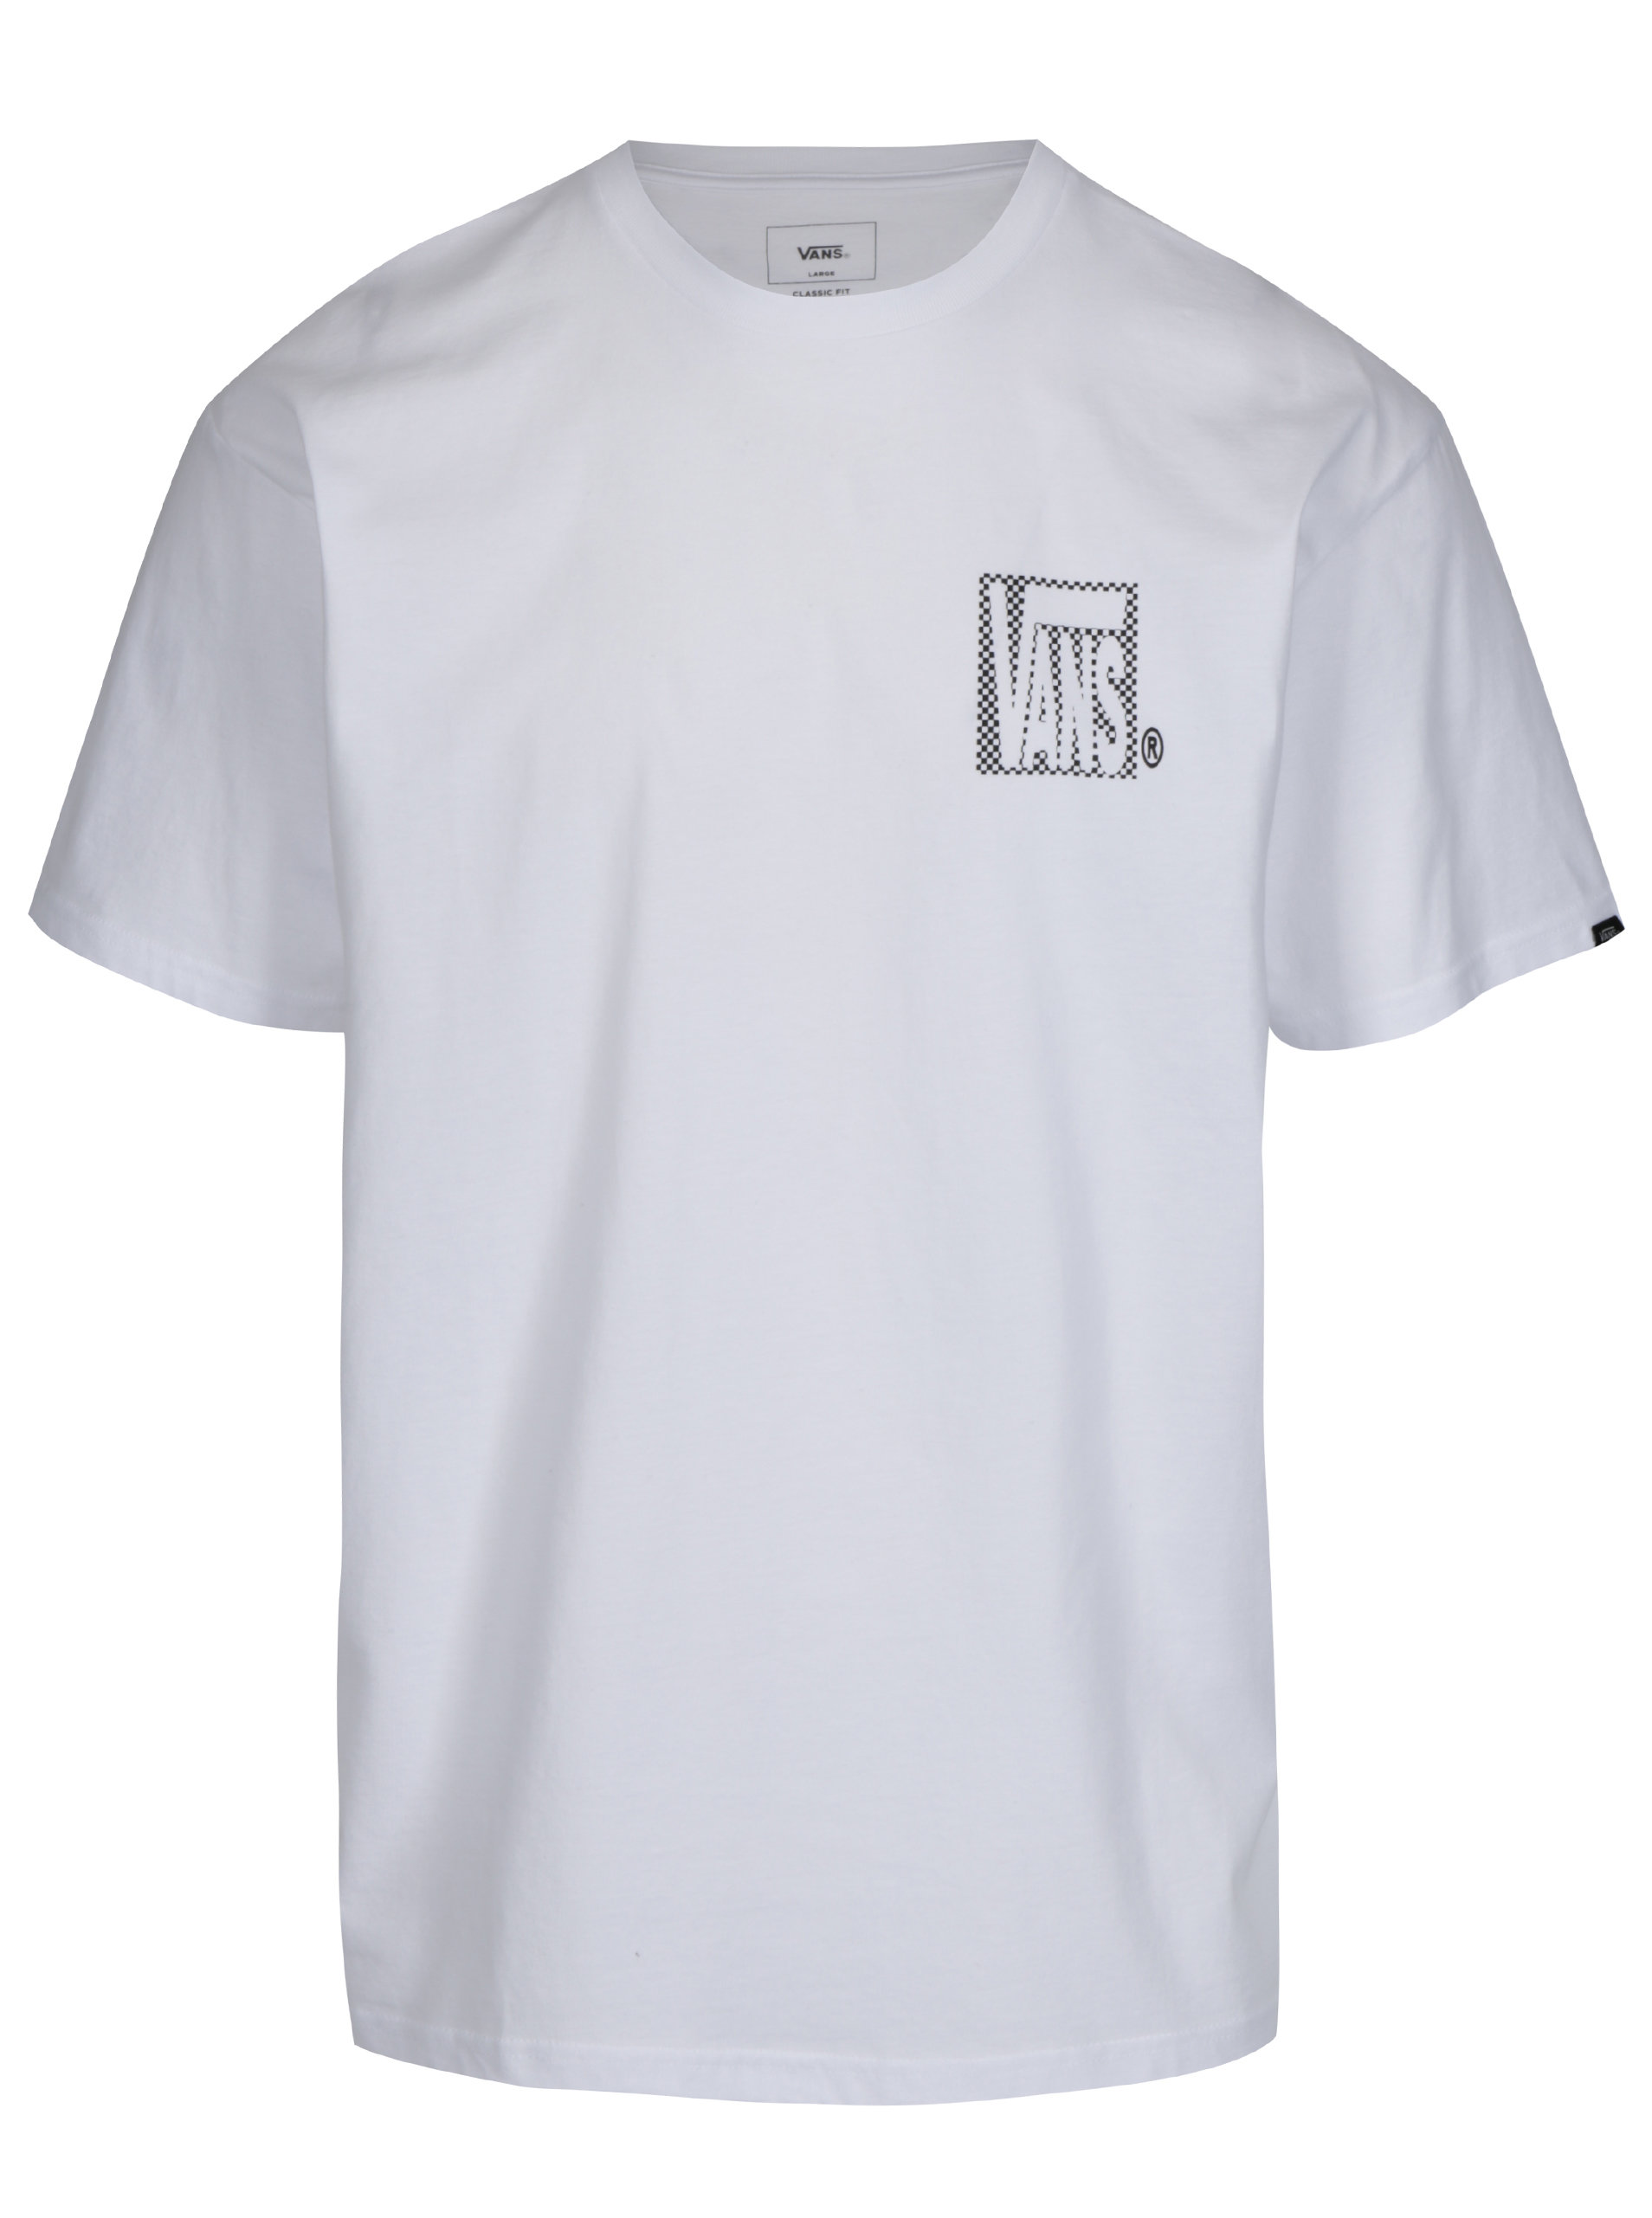 Biele pánske tričko s potlačou VANS New Checker ... 08140294ea0